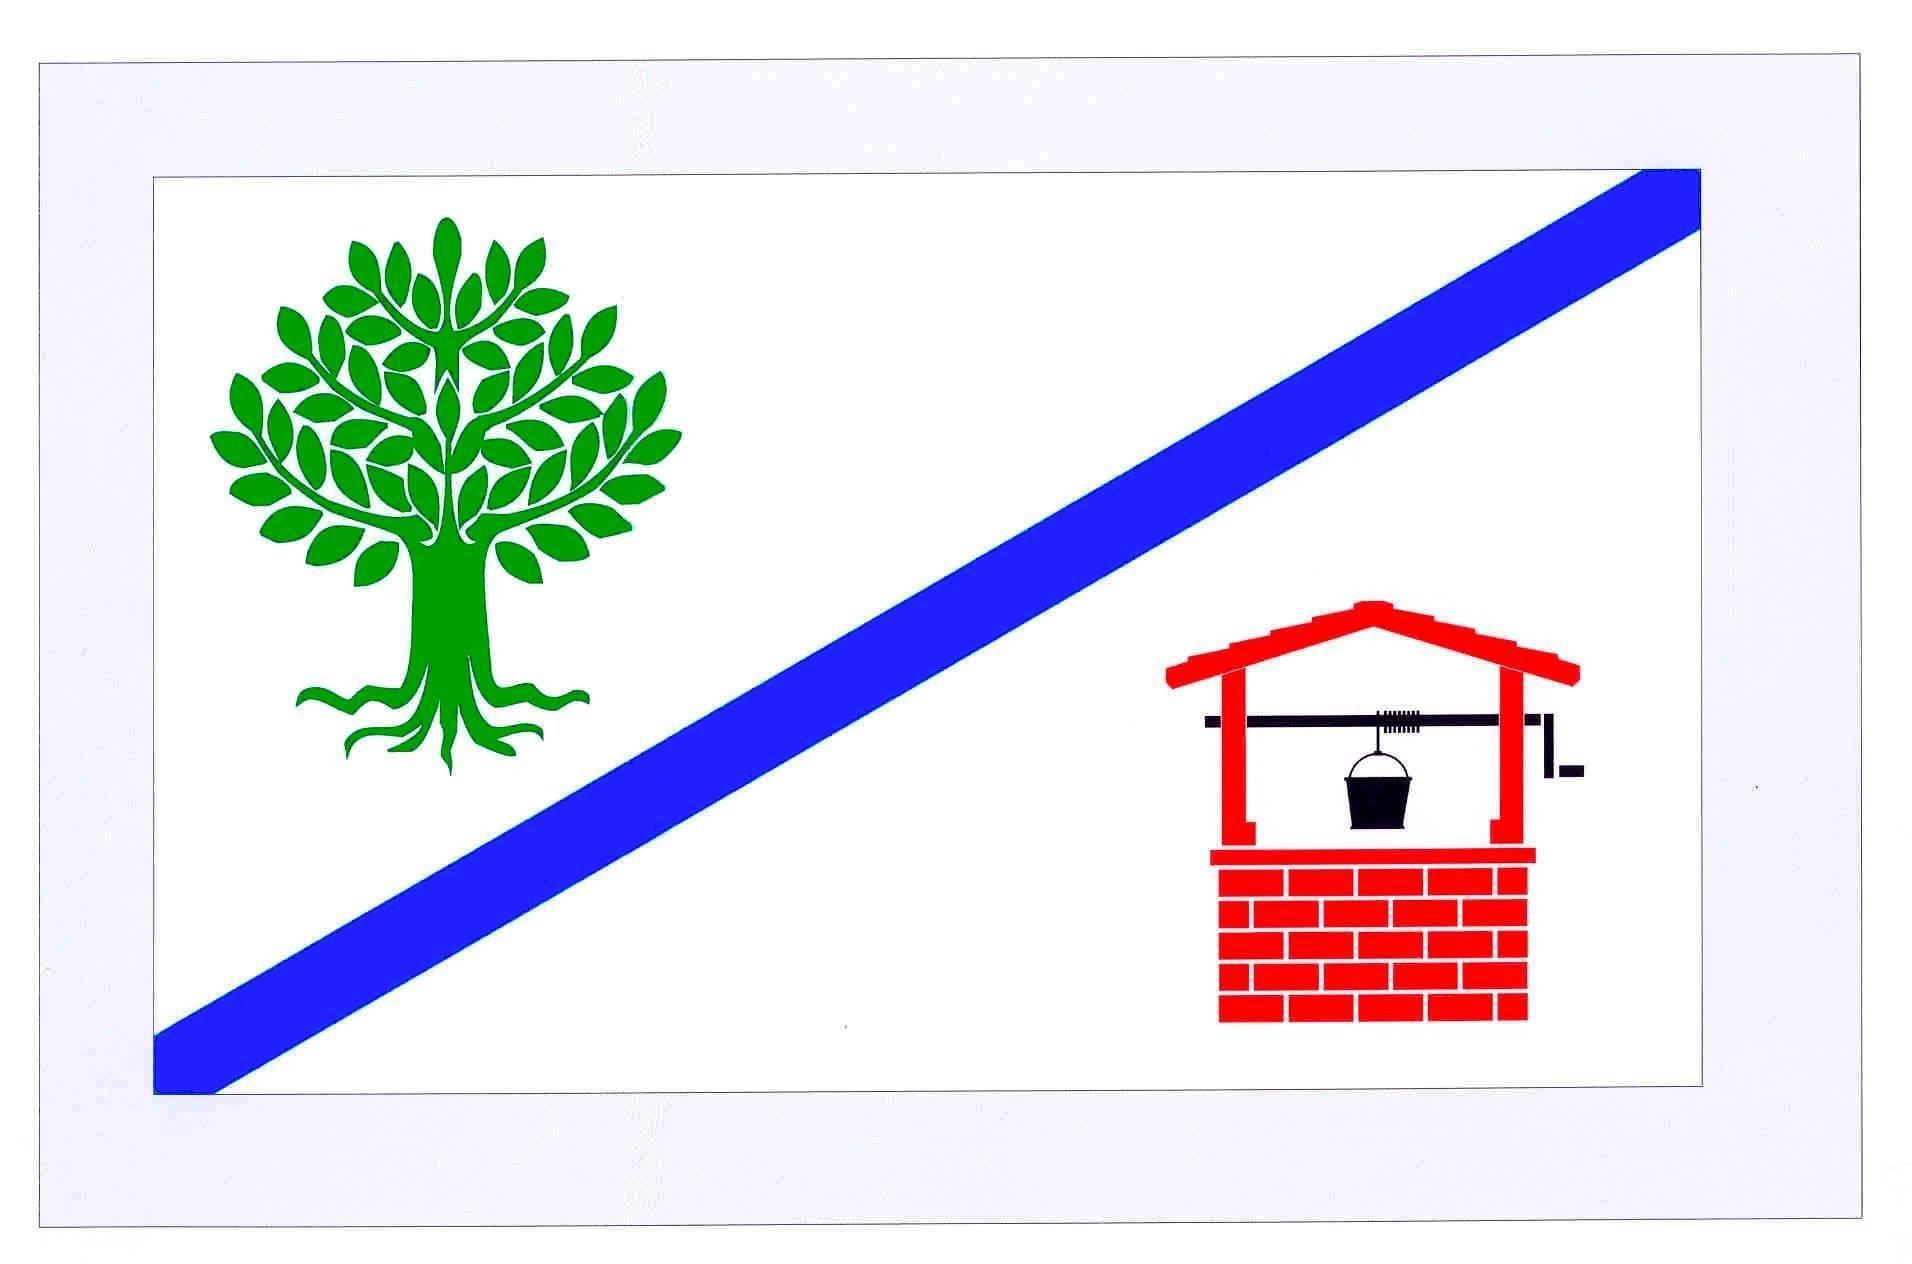 Flagge GemeindeBornholt, Kreis Rendsburg-Eckernförde